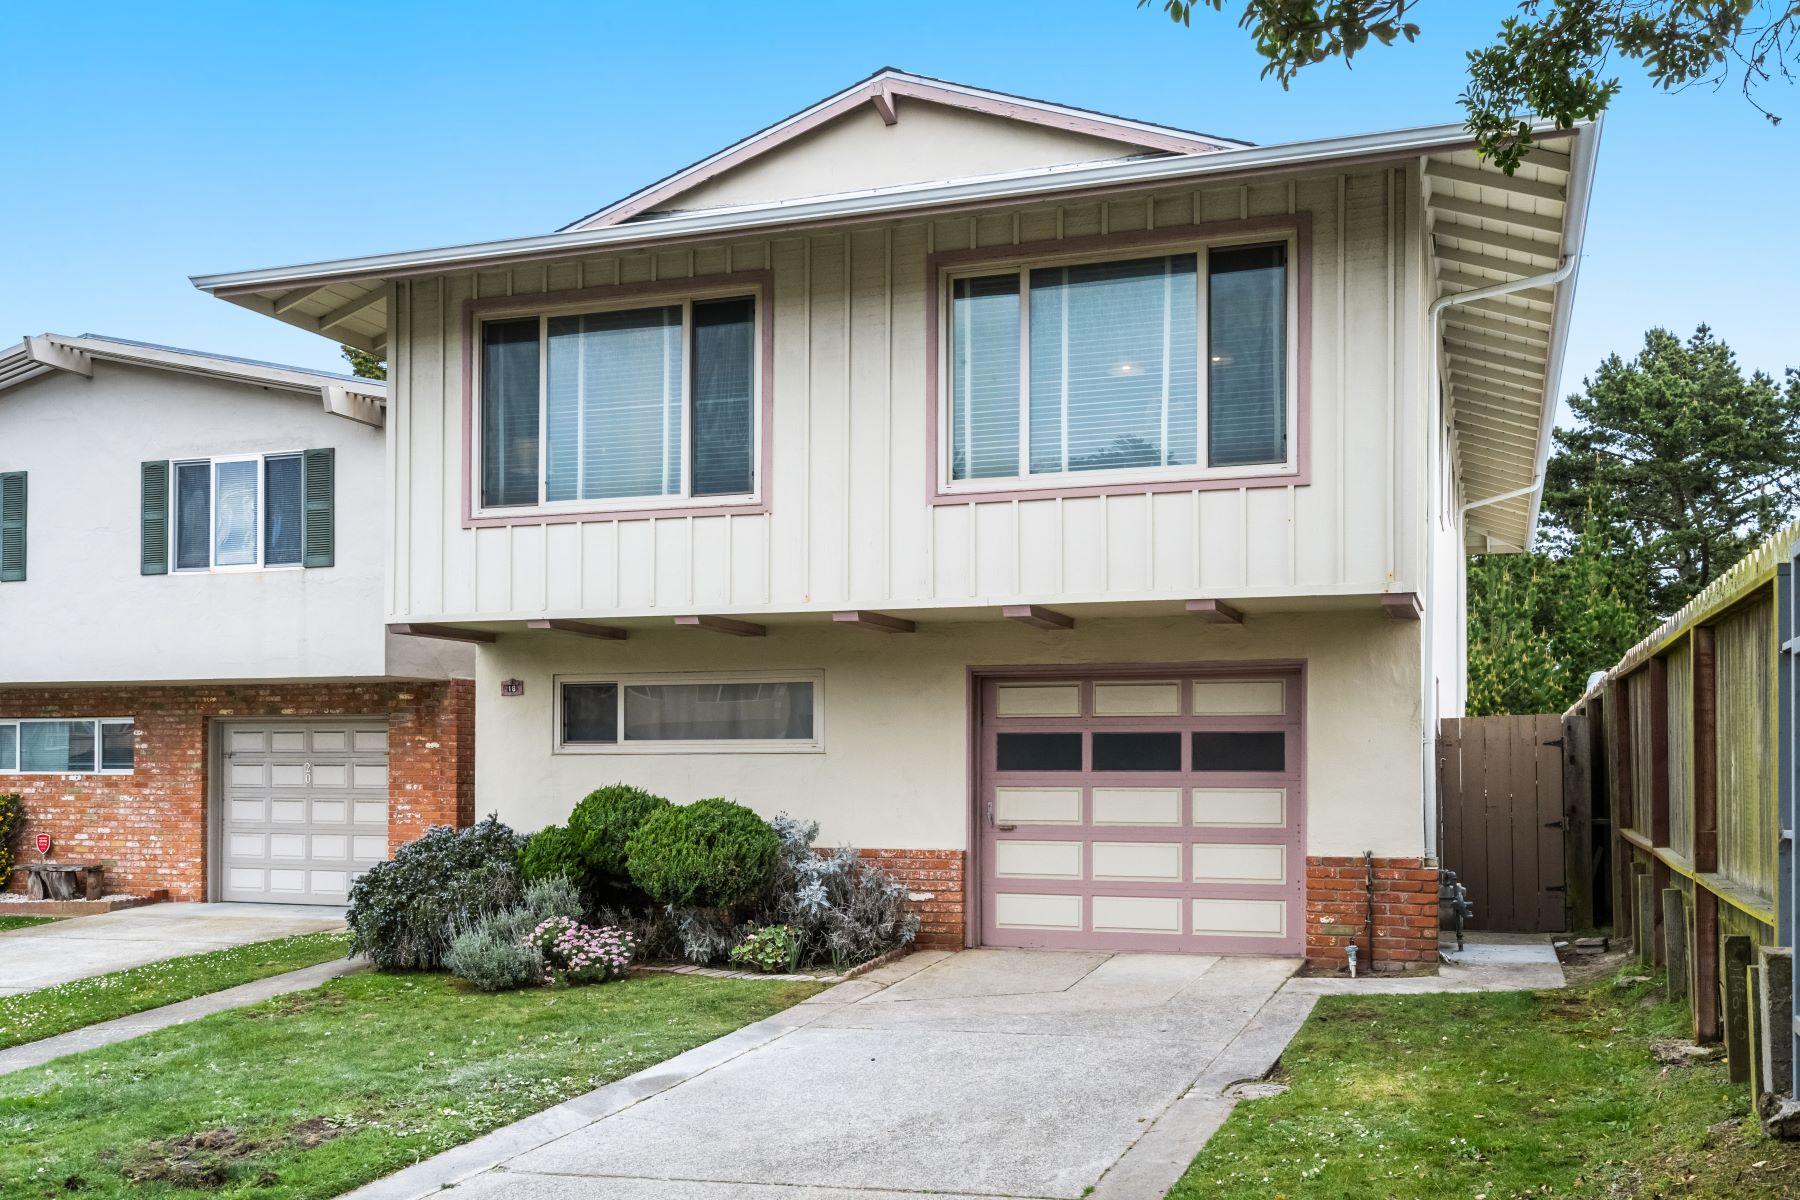 Single Family Homes para Venda às Beautiful Family Home on Quiet Street 18 Zita Manor, Daly City, Califórnia 94015 Estados Unidos